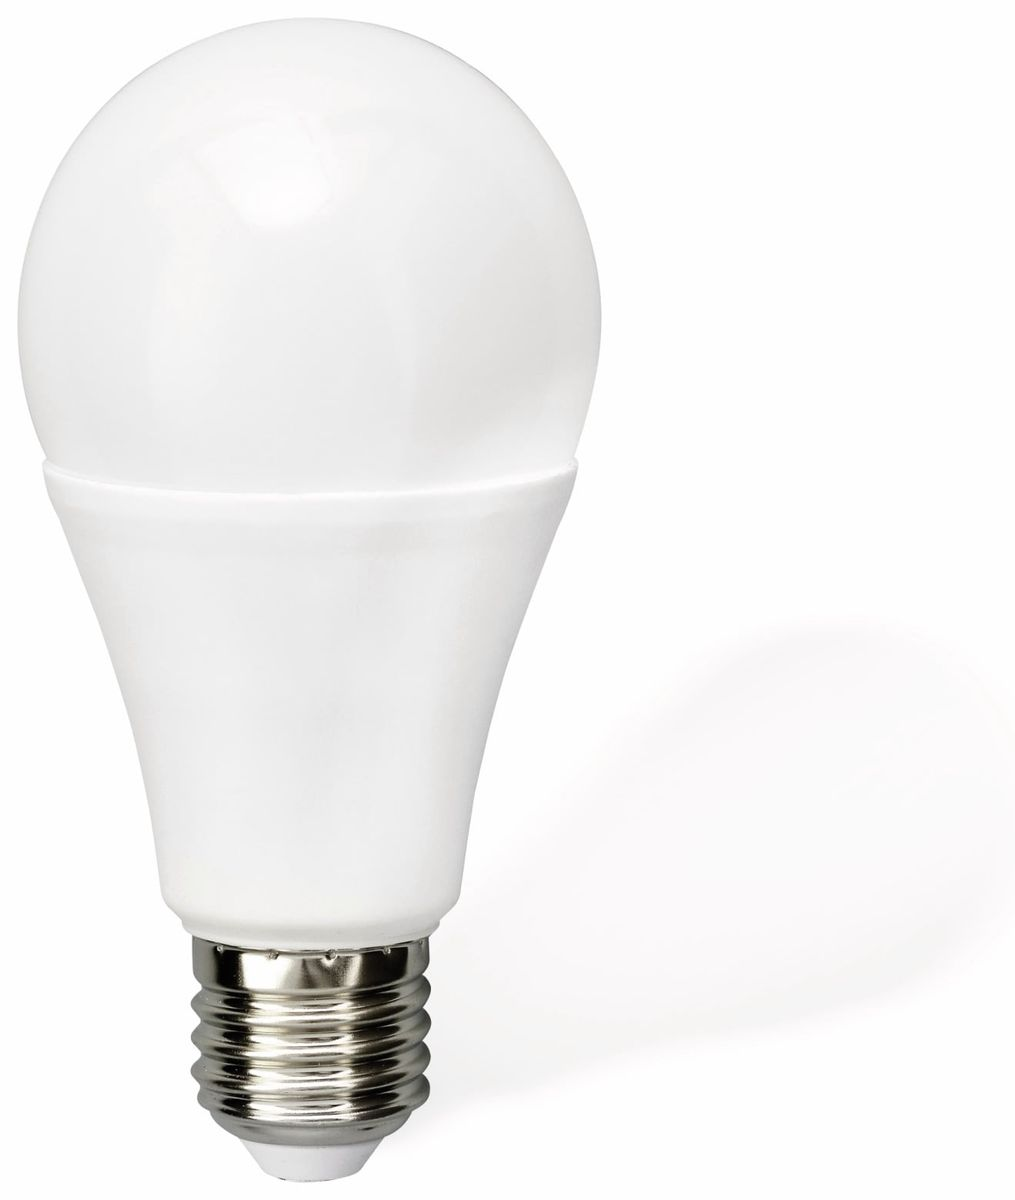 led lampe m ller licht 400221 e27 eek a 12 w 1520 lm 2700 k online kaufen. Black Bedroom Furniture Sets. Home Design Ideas